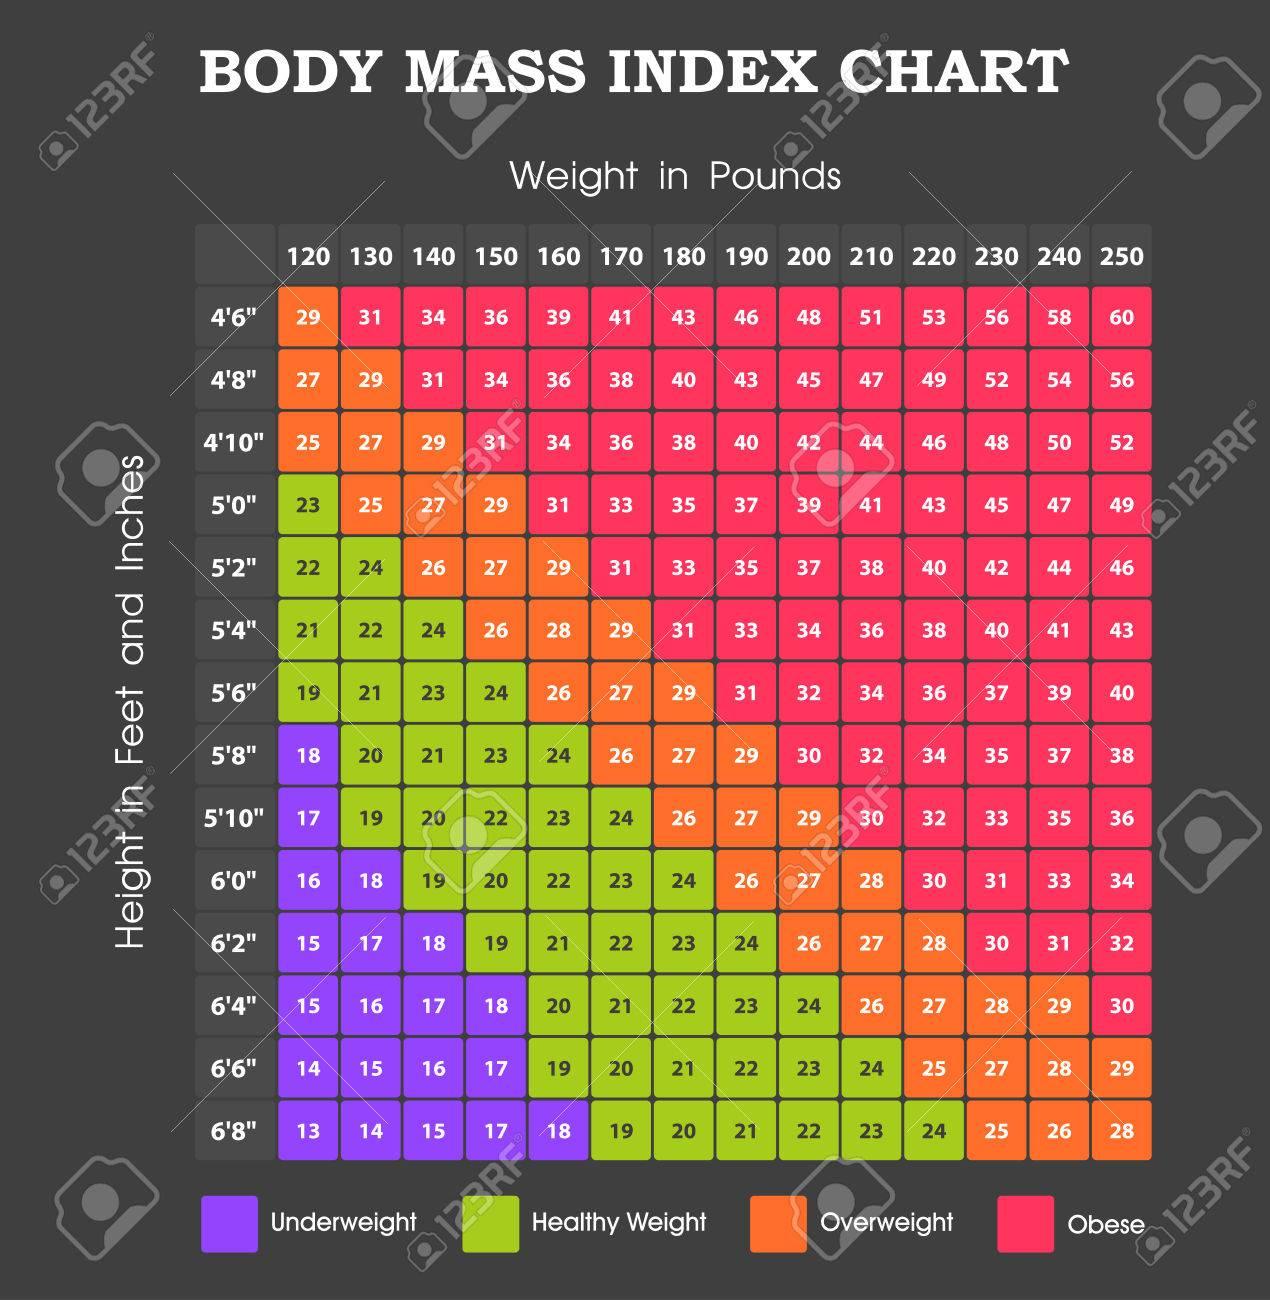 Body Mass Index Chart   Höhe Ein Gewicht Infografik Lizenzfrei ...